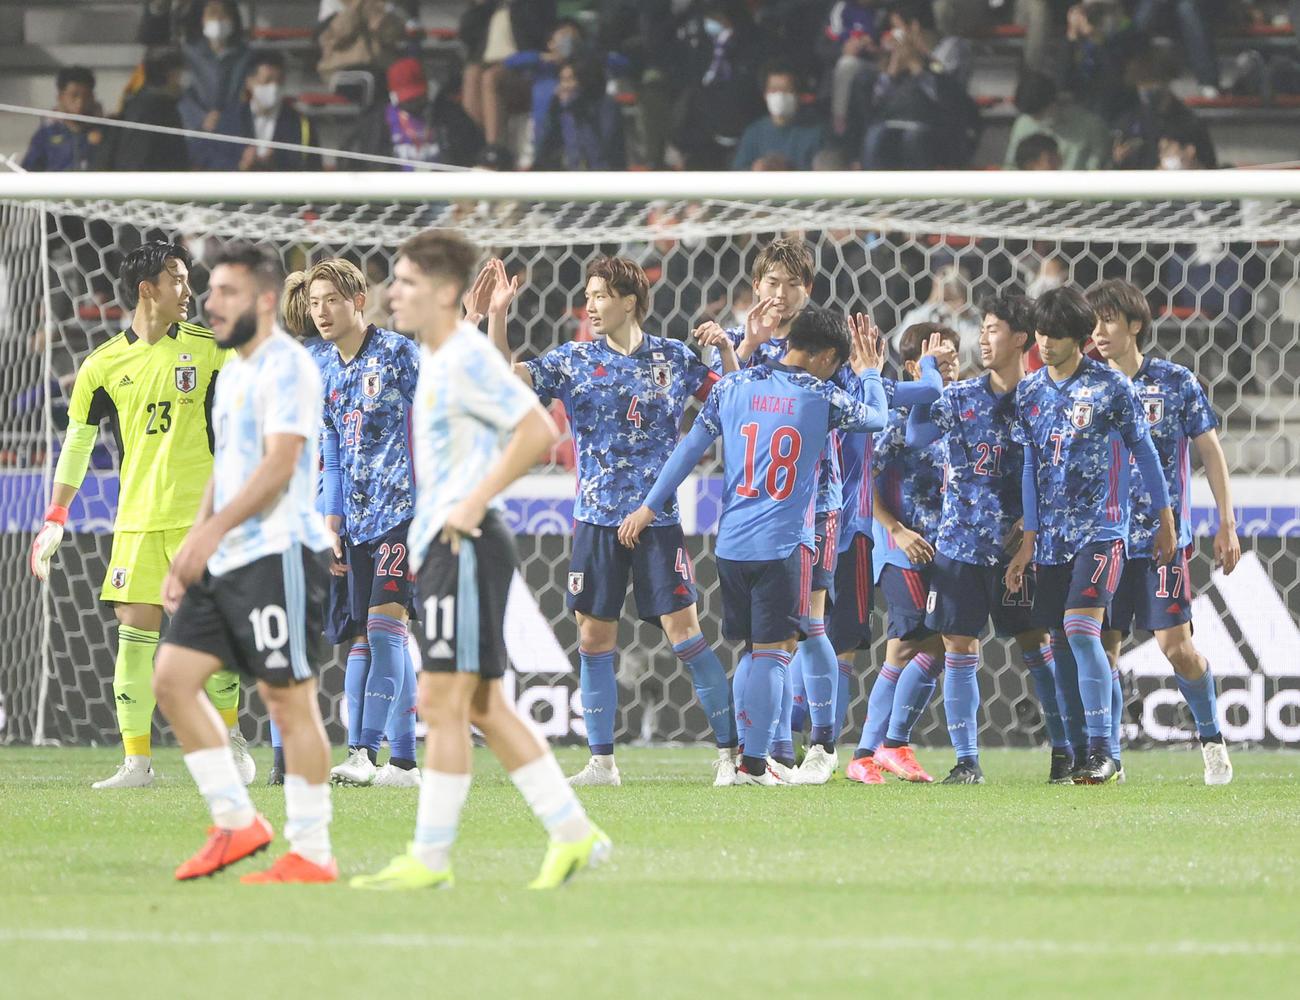 日本対アルゼンチン アルゼンチンに快勝し、喜ぶ日本イレブン(撮影・清水貴仁)